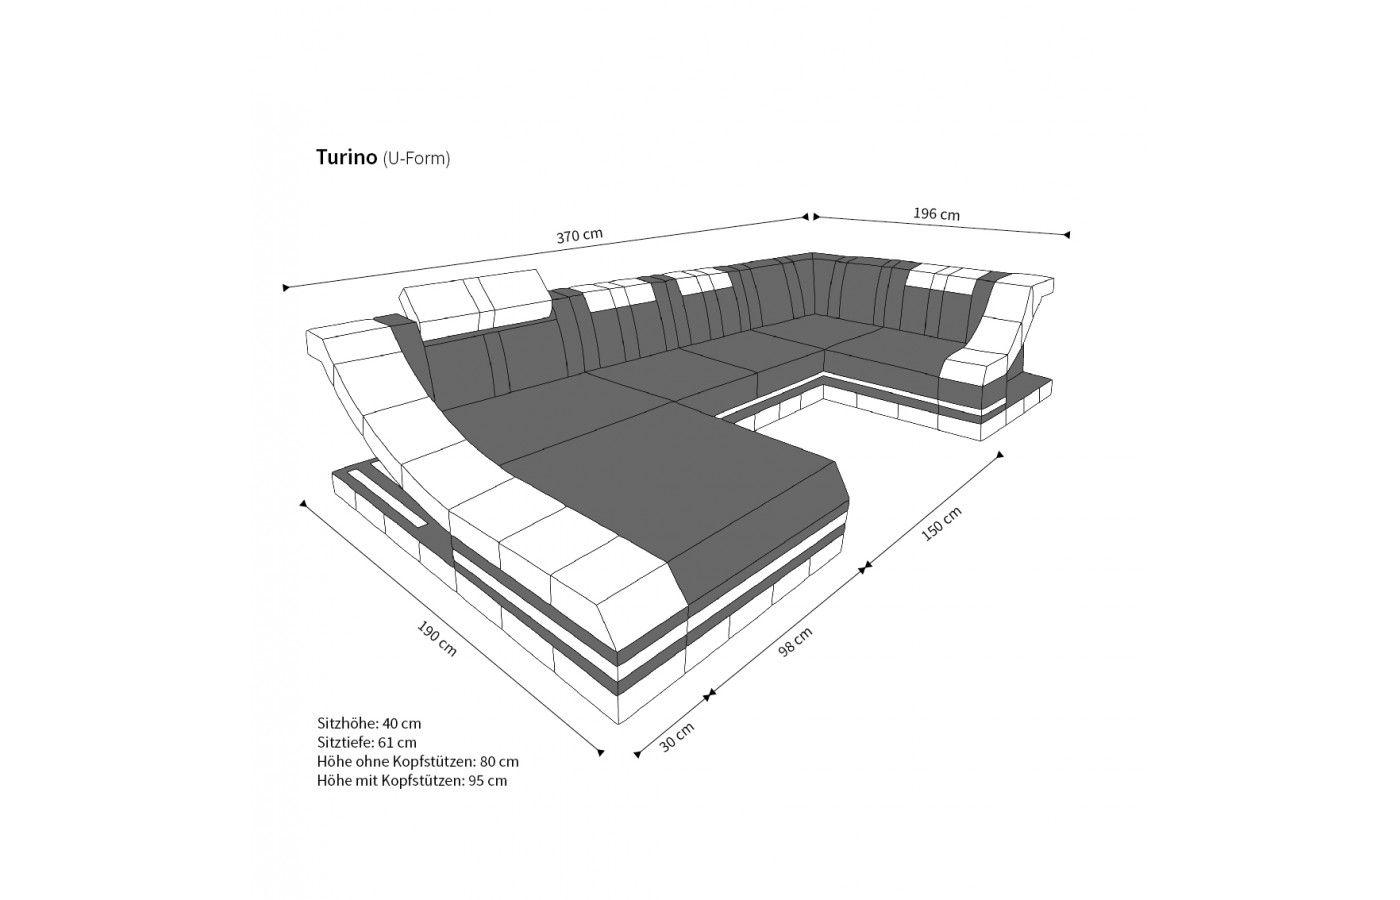 moderne design wohnlandschaft turino u form aus leder mit led beleuchtung multifunktionale. Black Bedroom Furniture Sets. Home Design Ideas